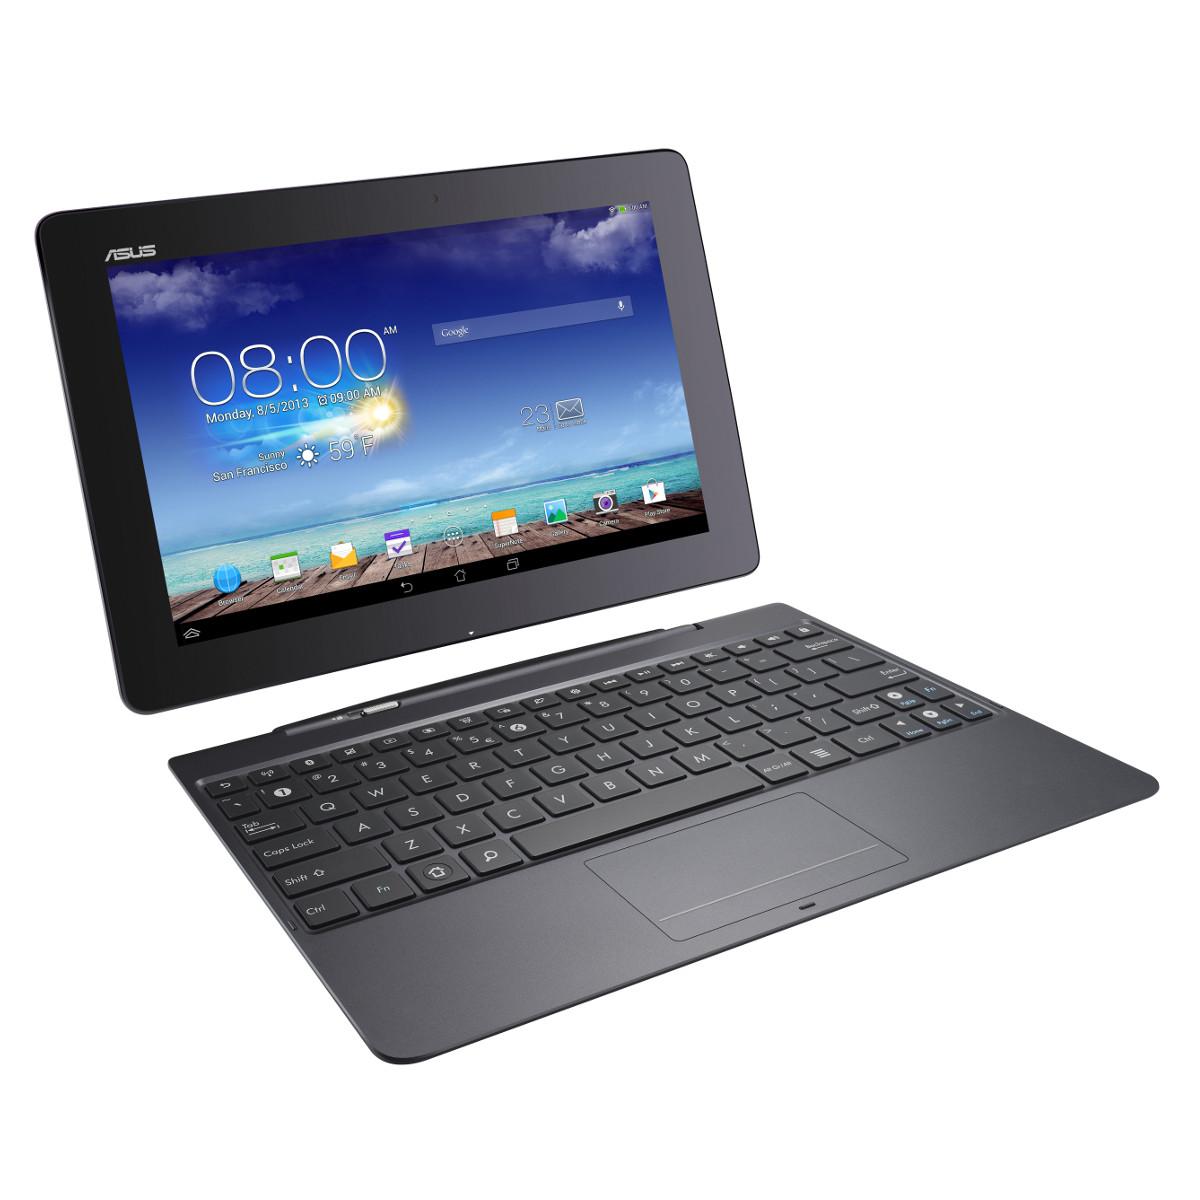 asus transformer pad tf701t 1b036a dock mobile tablette tactile asus sur ldlc. Black Bedroom Furniture Sets. Home Design Ideas